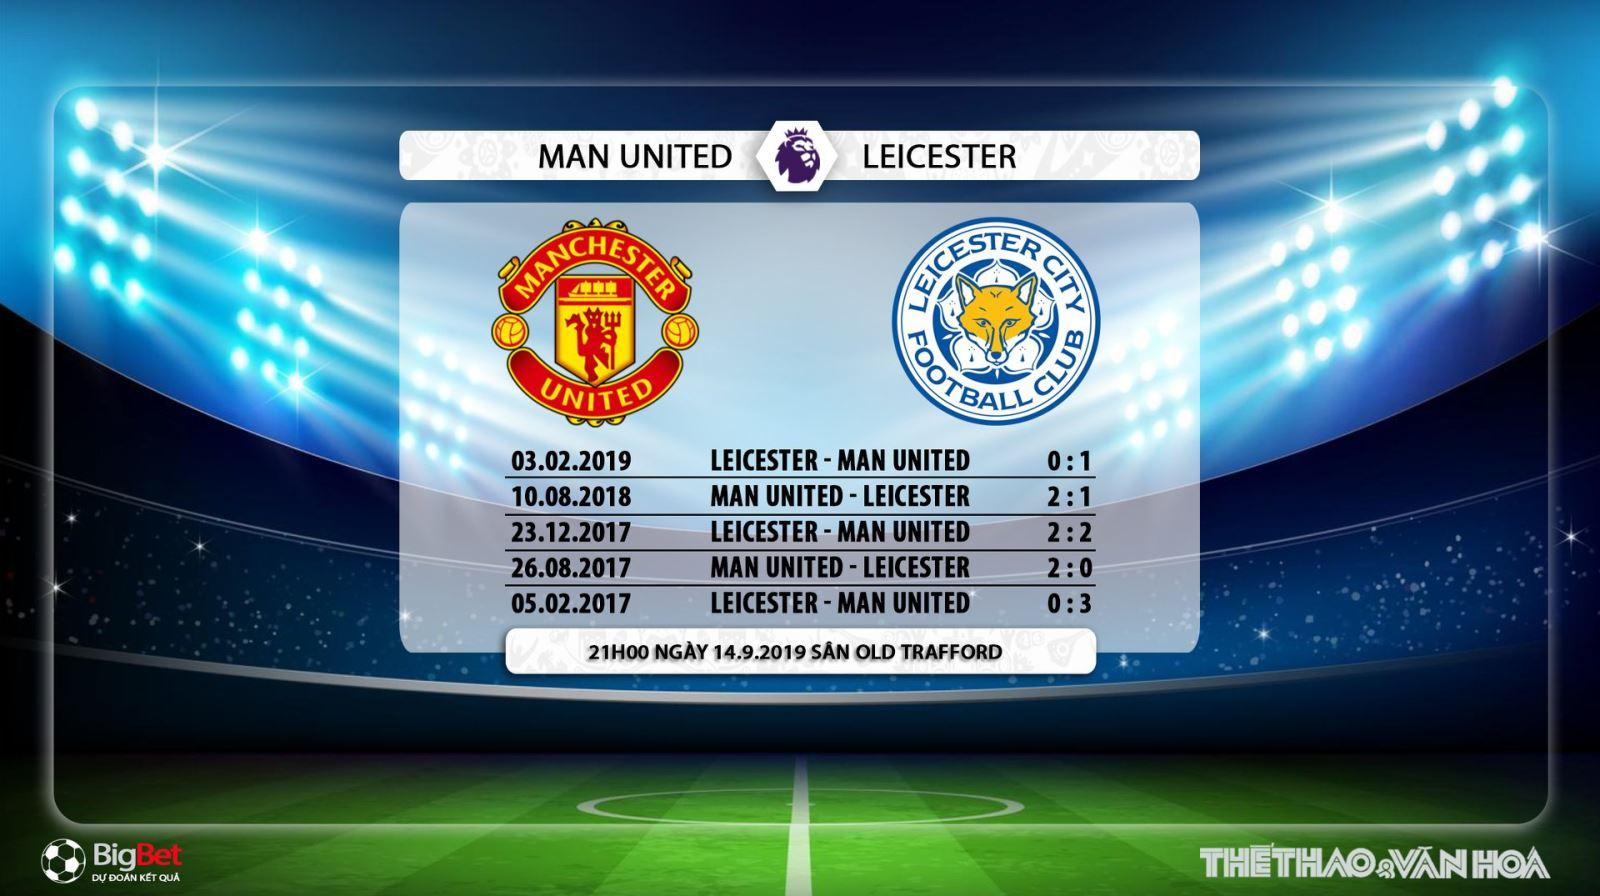 MU vs Leicester, bóng đá, bong da, mu, leicester, soi kèo bóng đá, trực tiếp bóng đá, trực tiếp mu vs leicester, xem trực tiếp mu vs leicester, lịch thi đấu mu